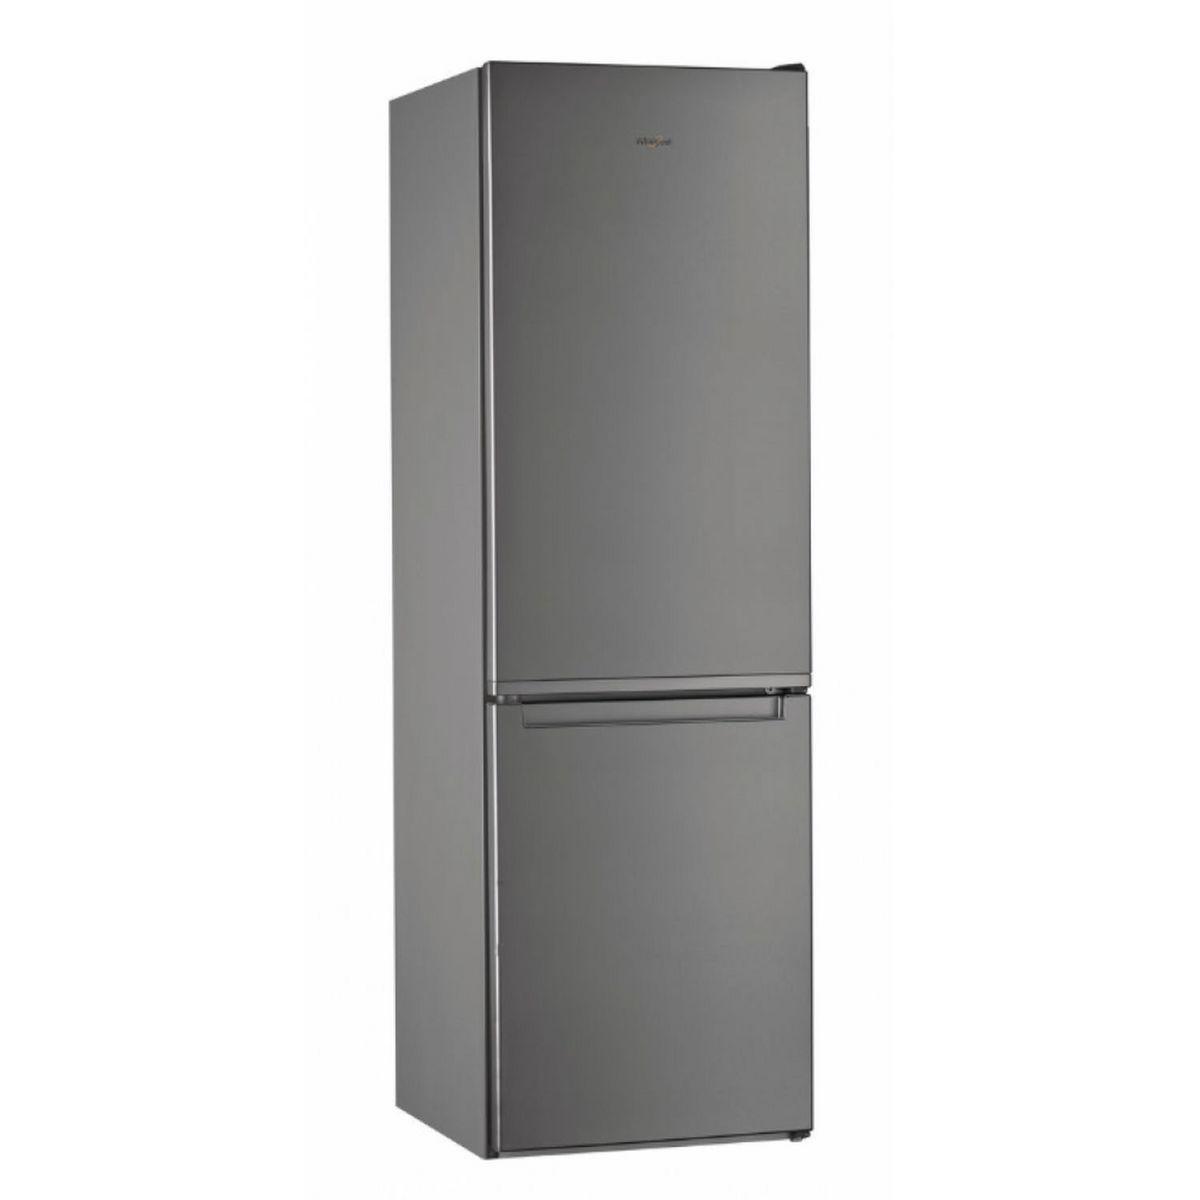 Réfrigérateur combiné W5 821EOX, 339 L, Froid statique